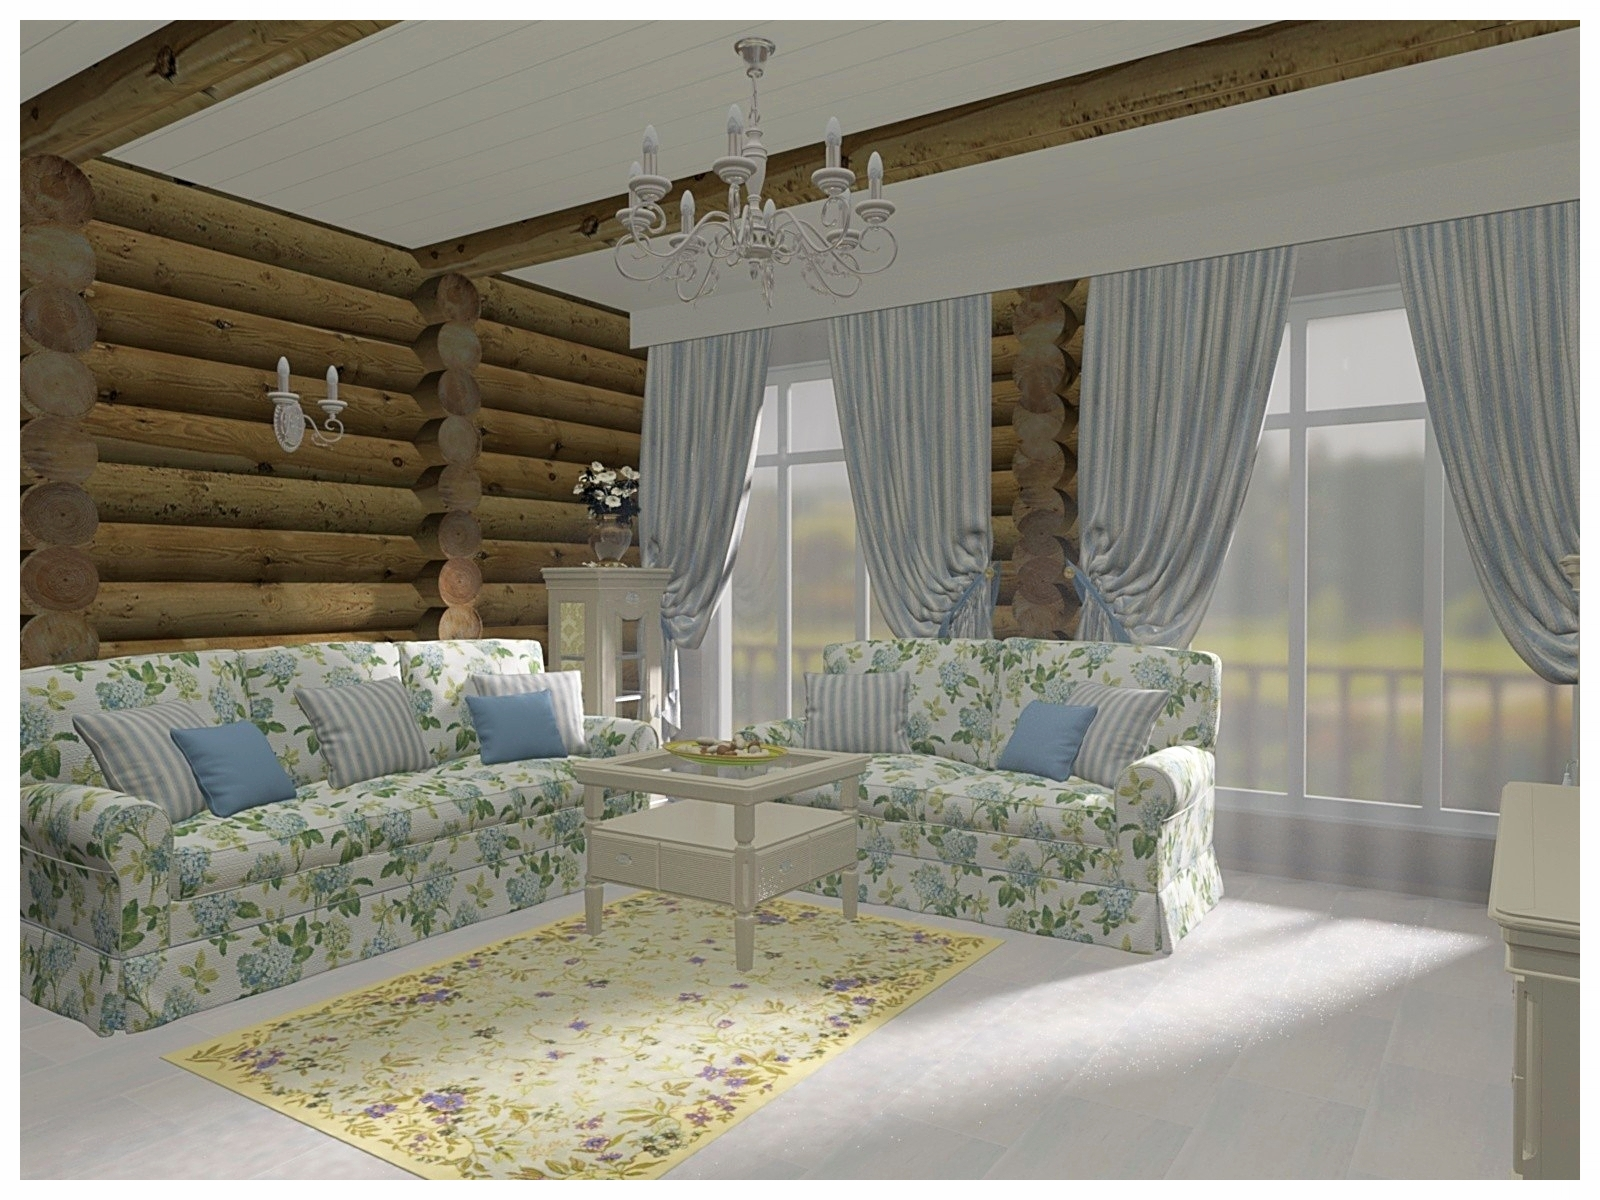 Дизайн интерьеров по договору на дизайн проект в коттедже из бревна. Зона мягкой мебели.